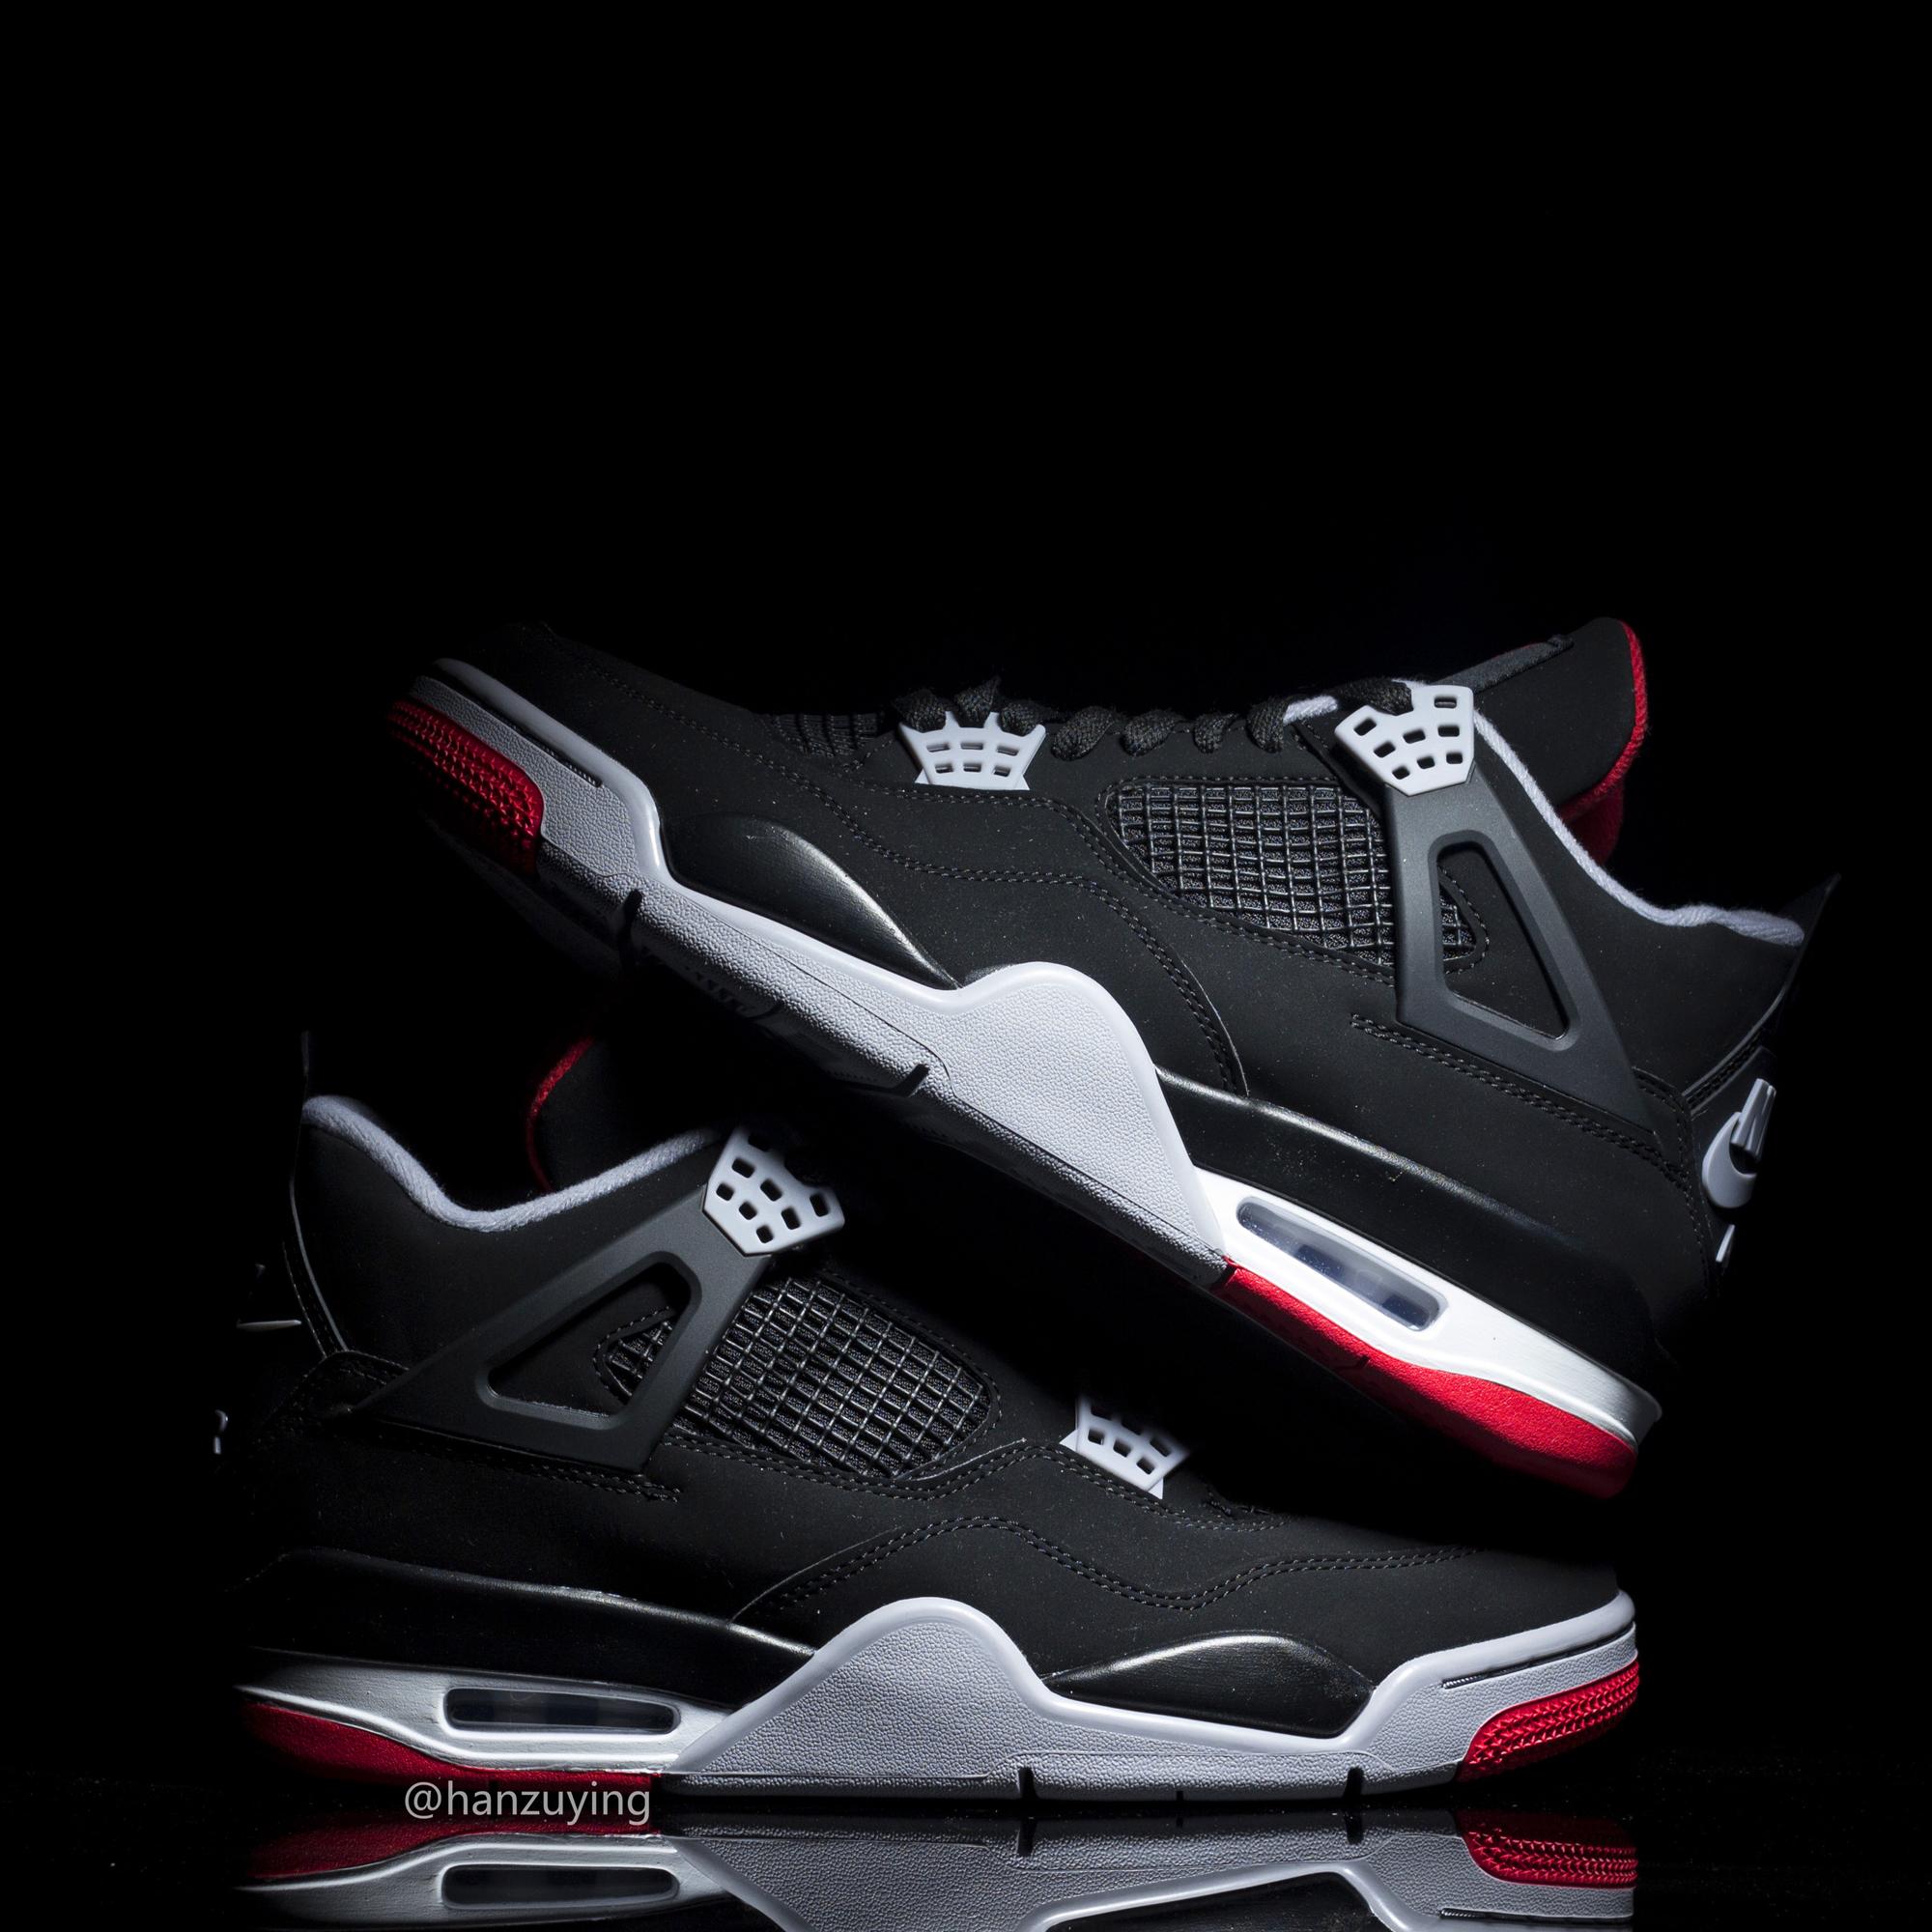 716329fe96b5 Air-Jordan-4-Black-Cement-OG-2019-8 - WearTesters